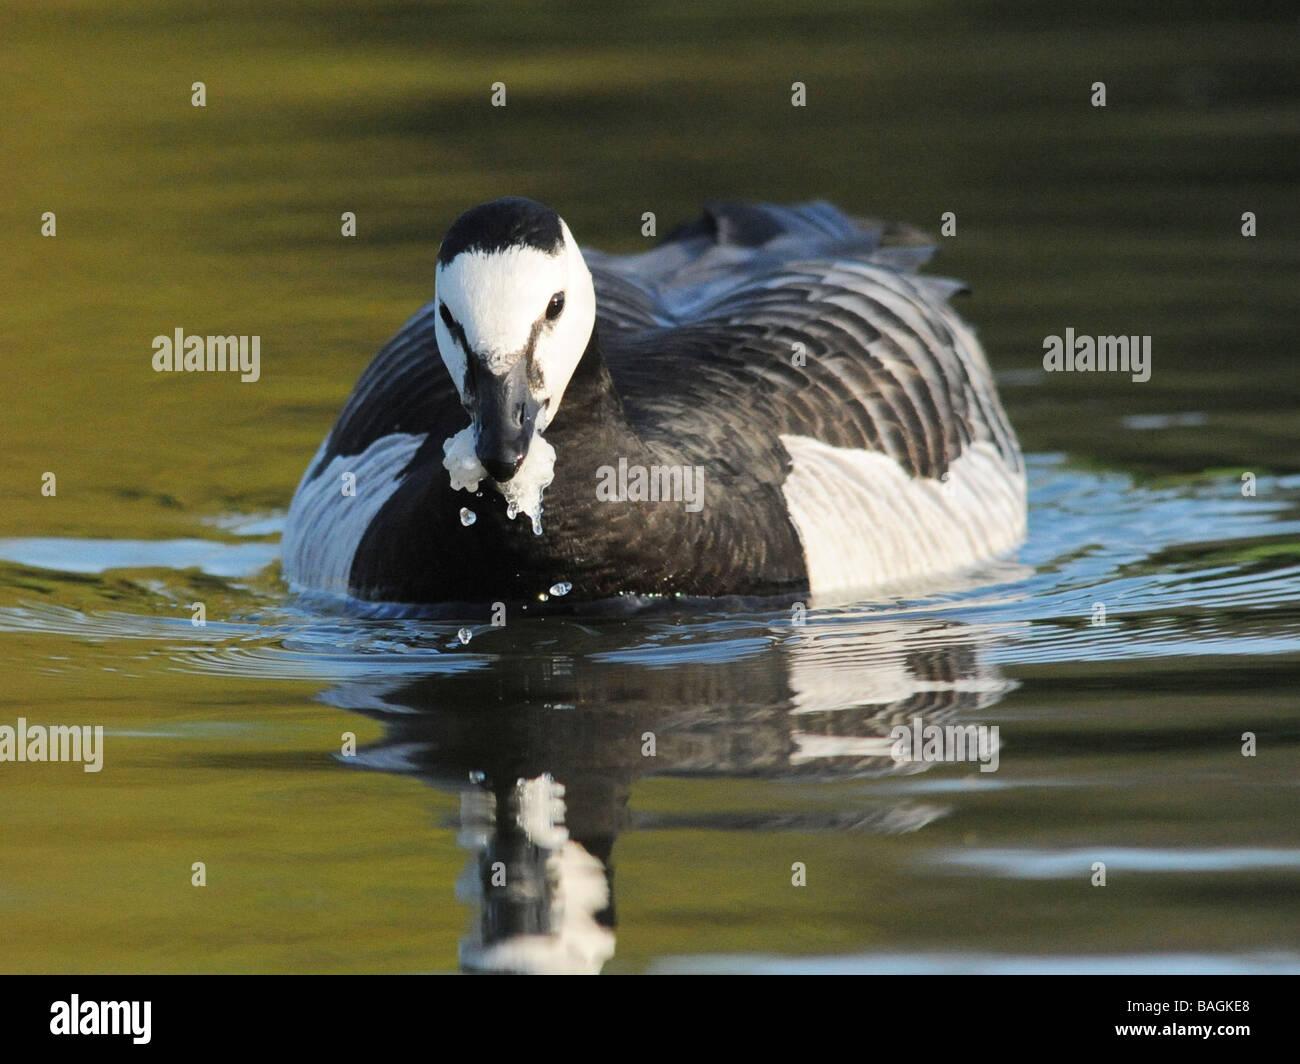 Eine schwarze und weiße Ente Essen einige nasse Brot. Stockbild